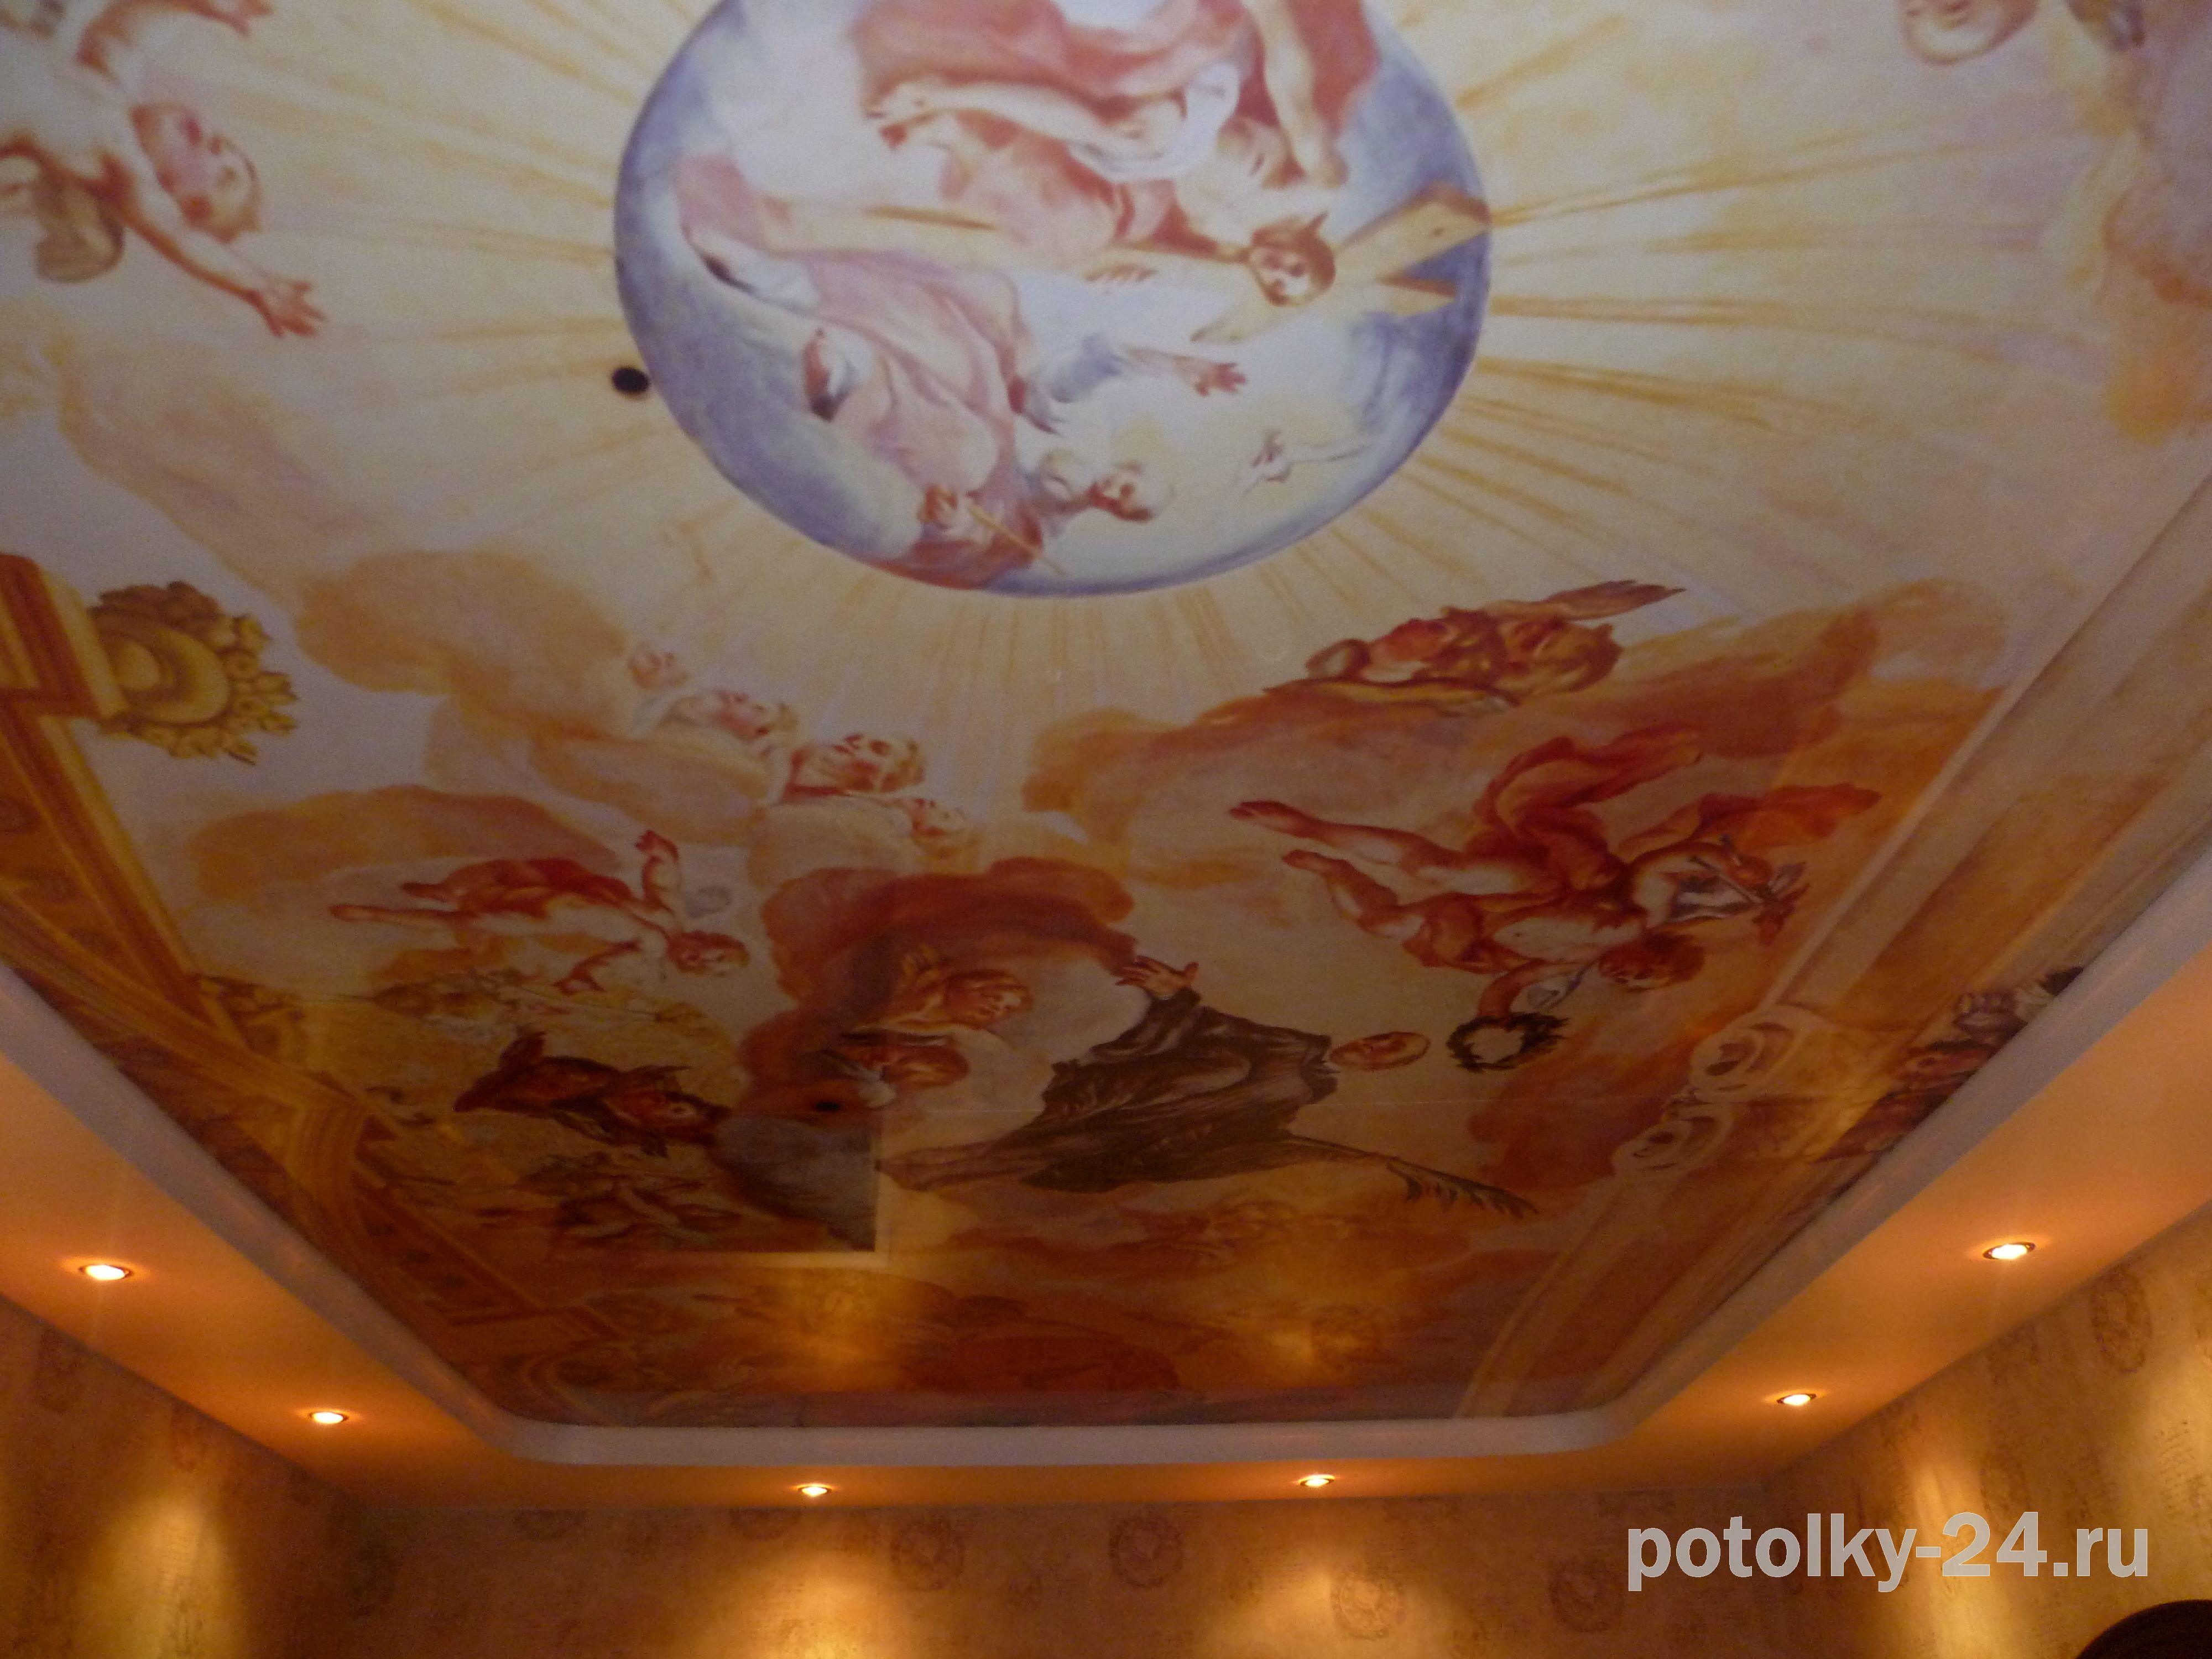 Иконы на потолке